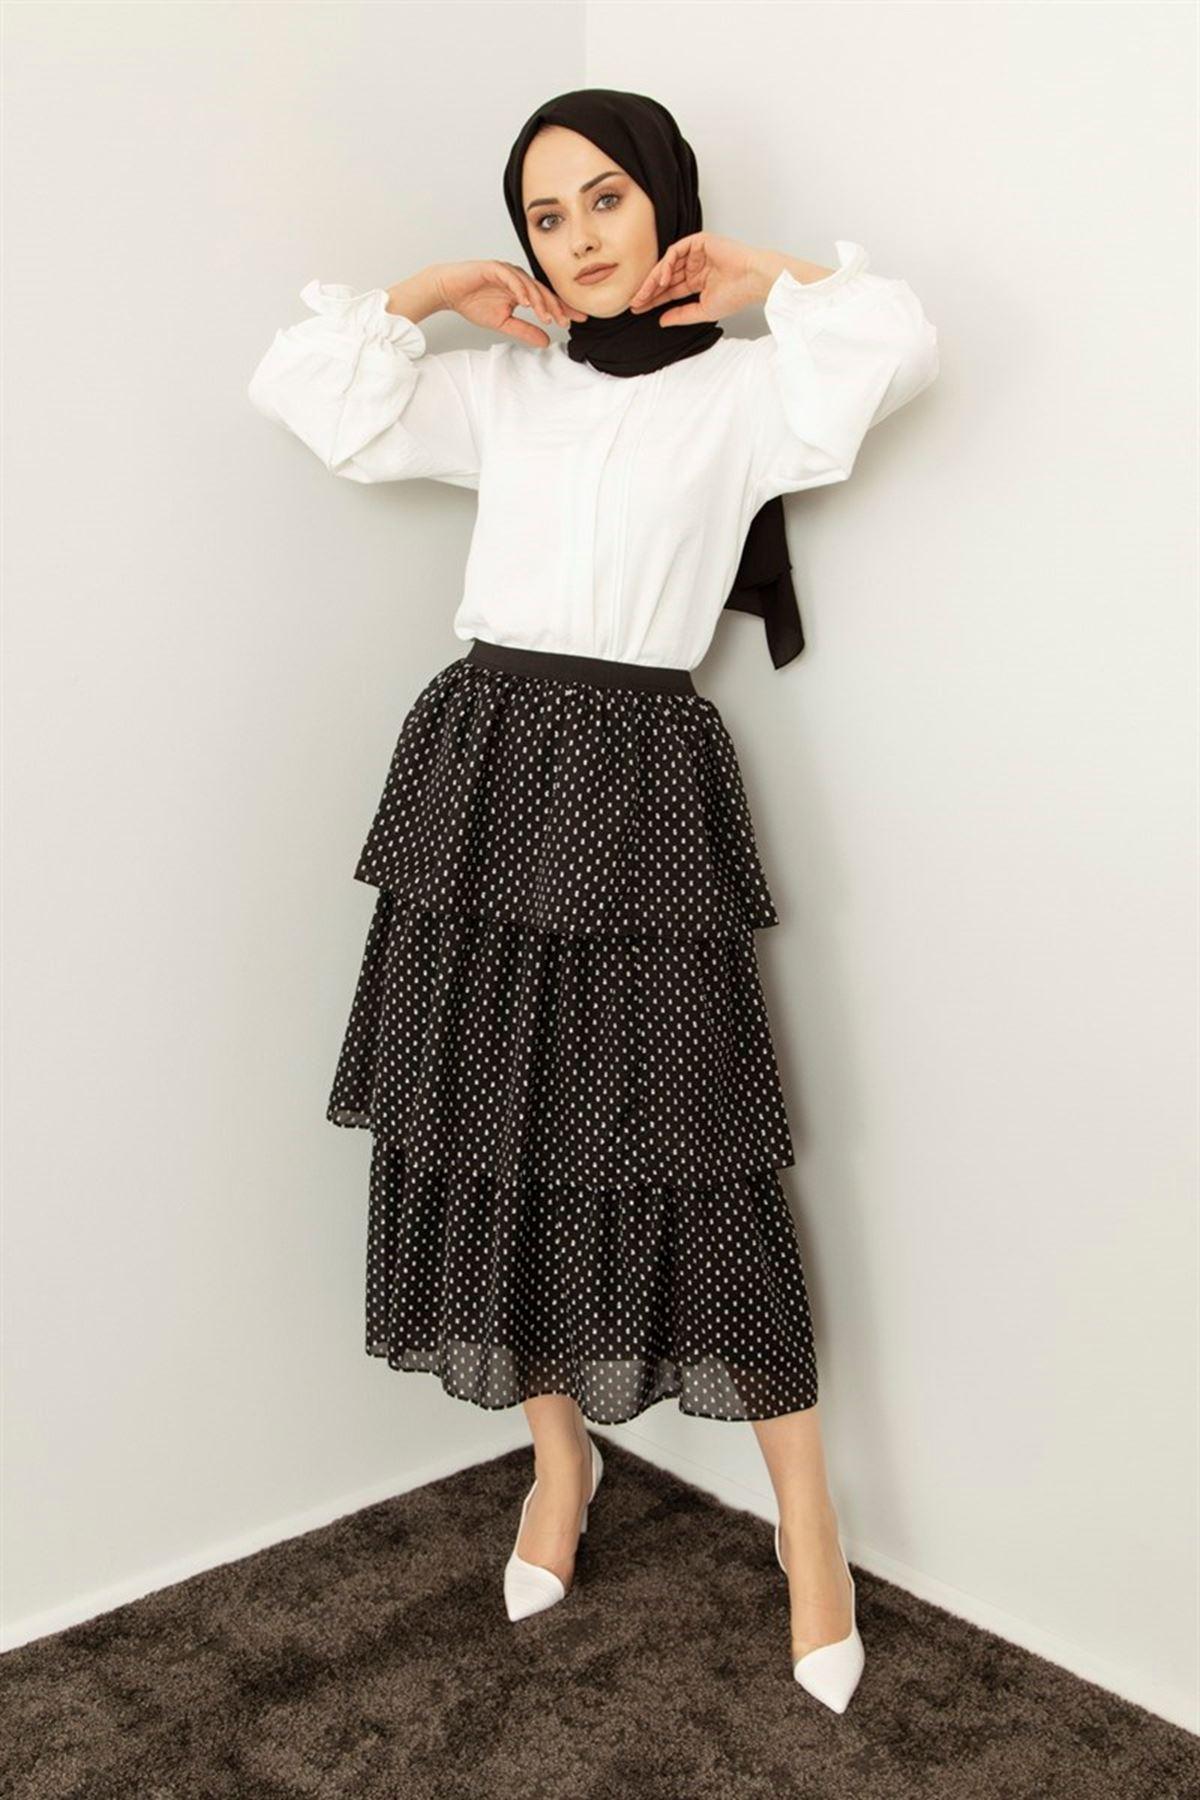 Kadın Puantiye İşlemeli Kat Etek - Siyah